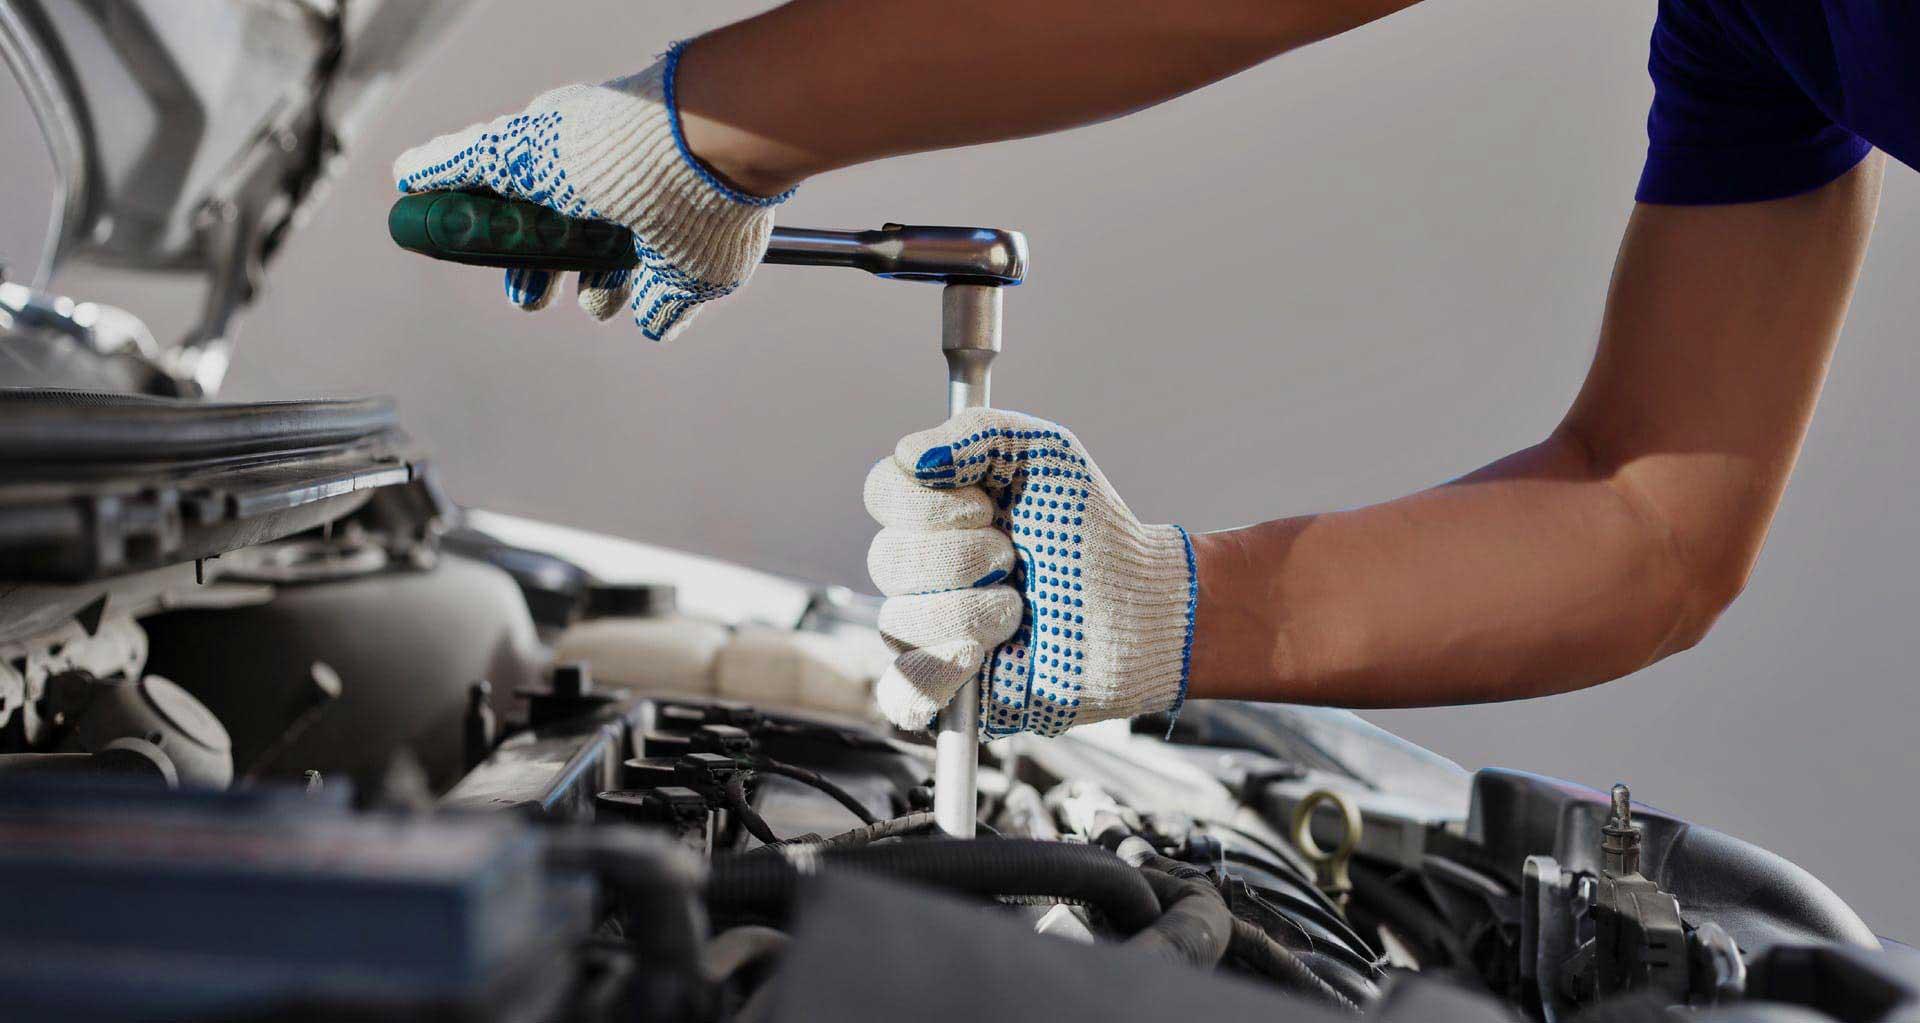 ¿Tú vehículo necesita una reparación?